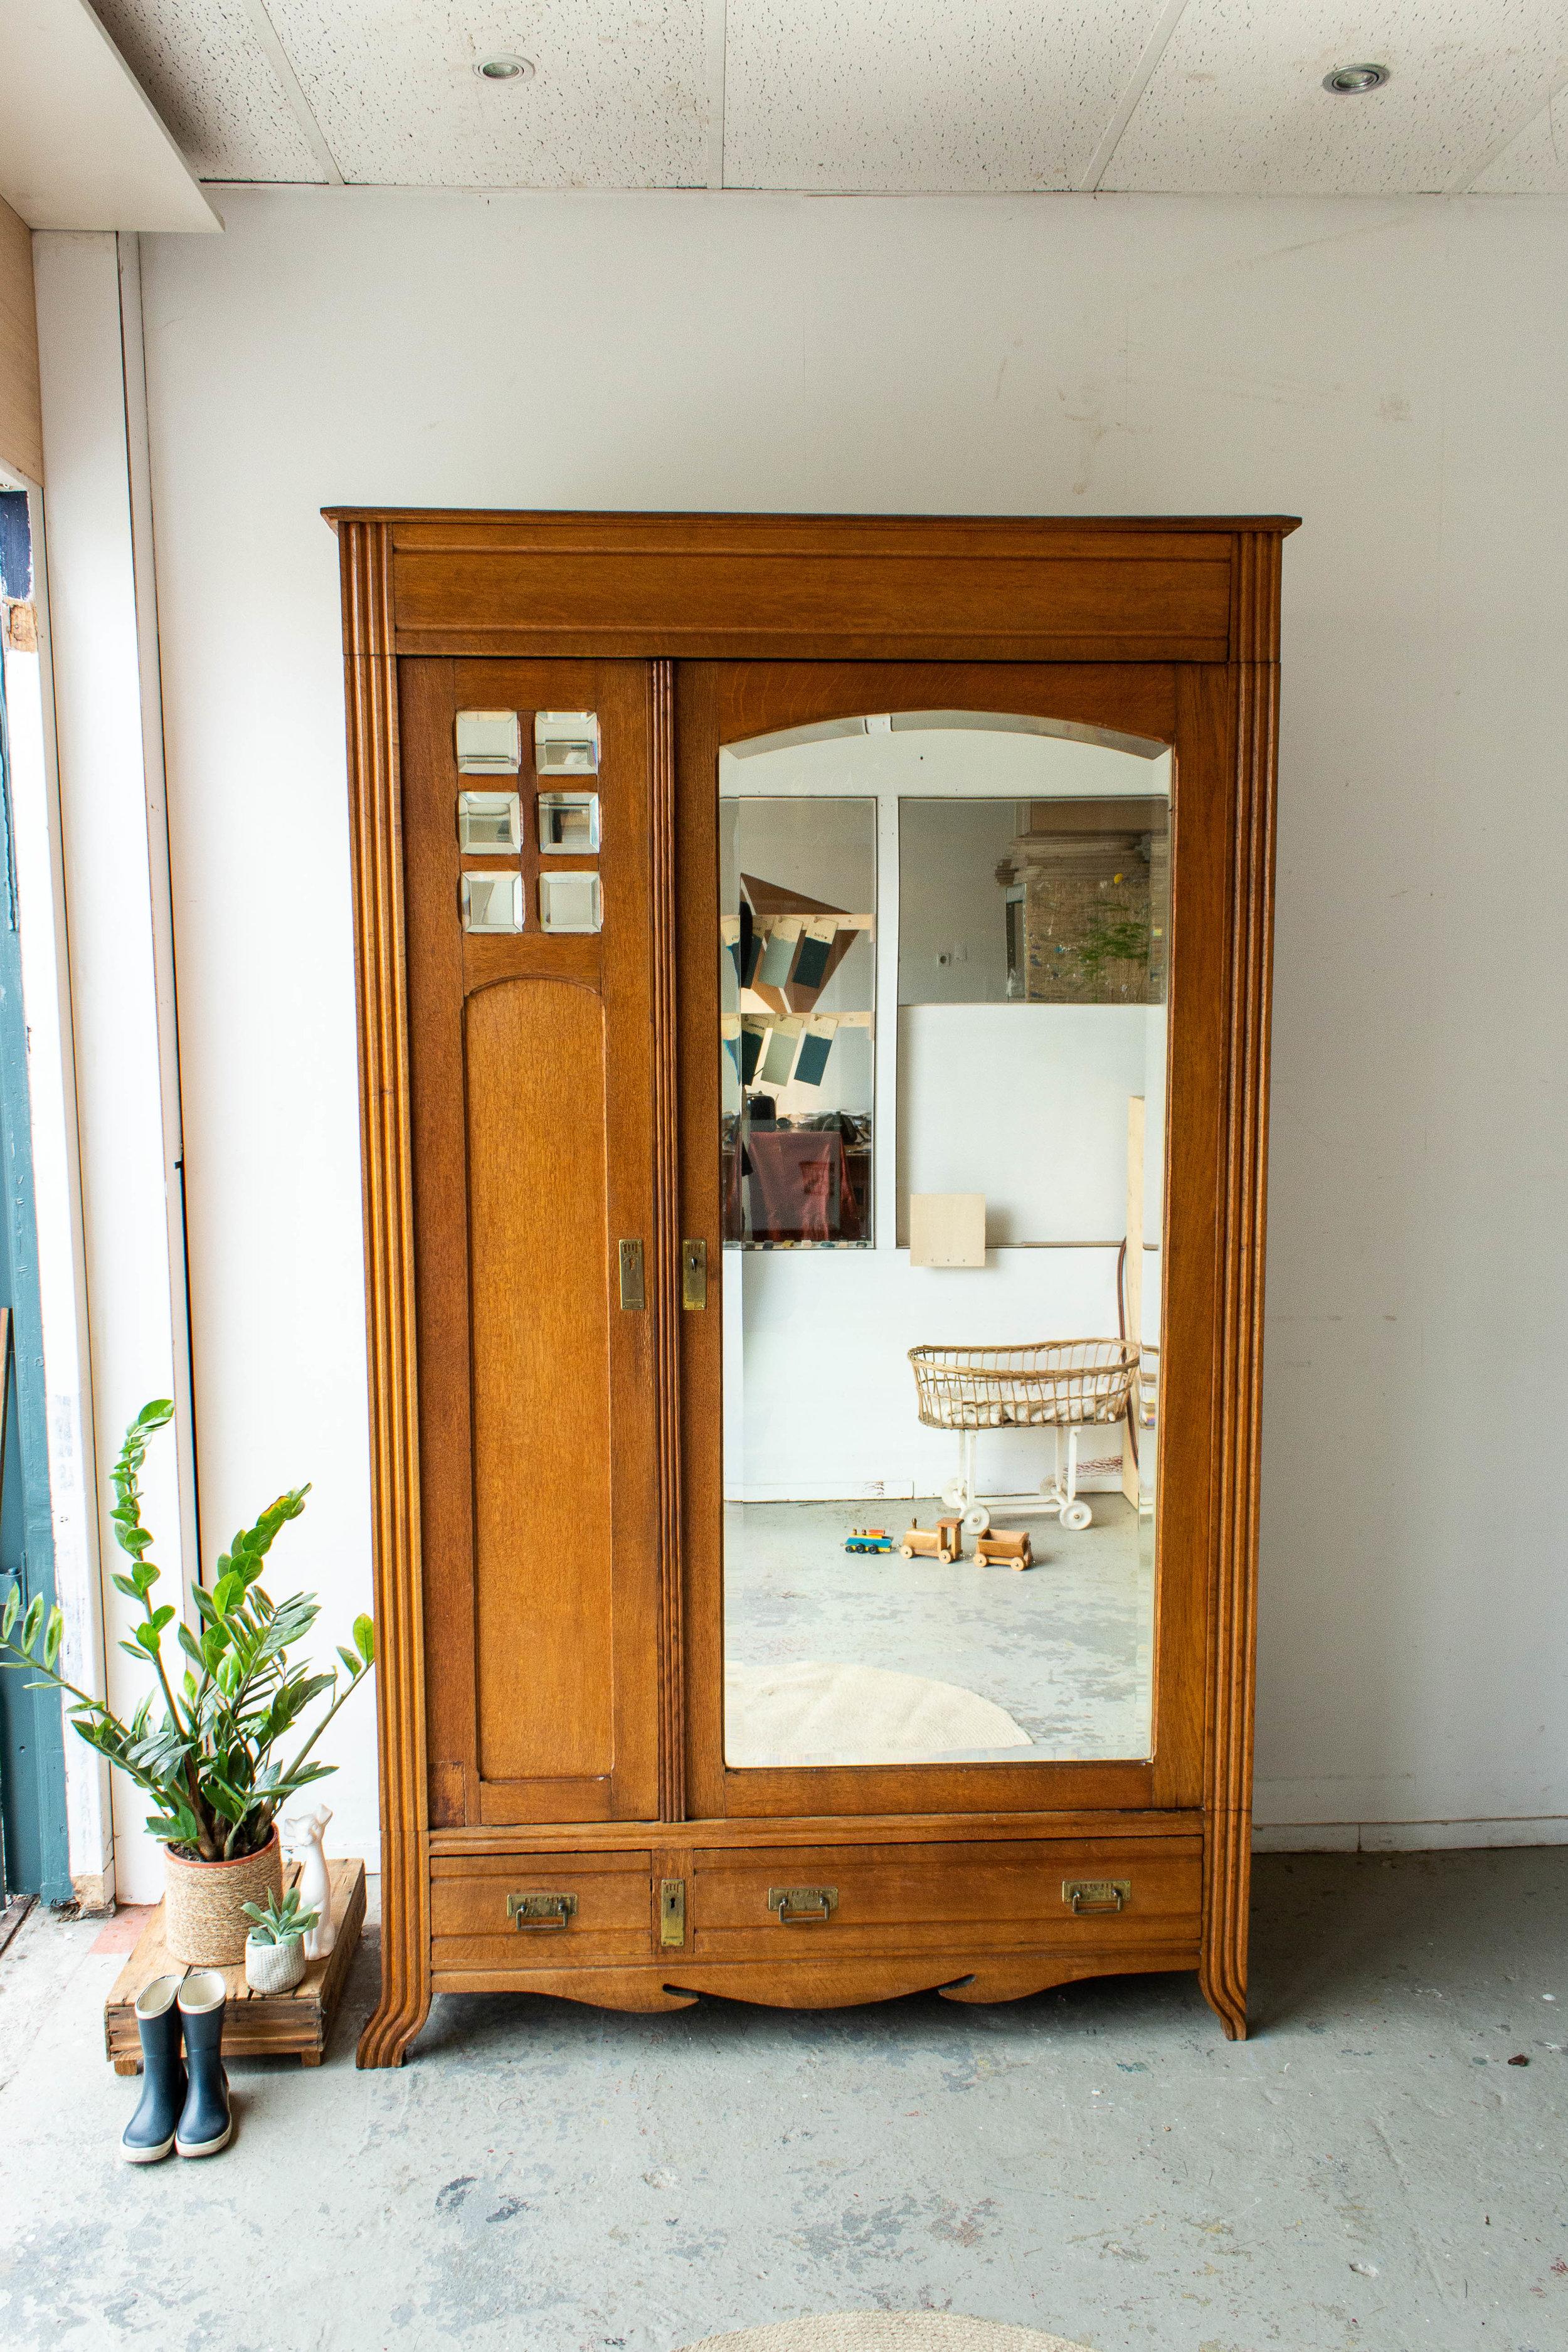 1558 - Demontabele vintage spiegelkast met vierkantjes-2.jpg